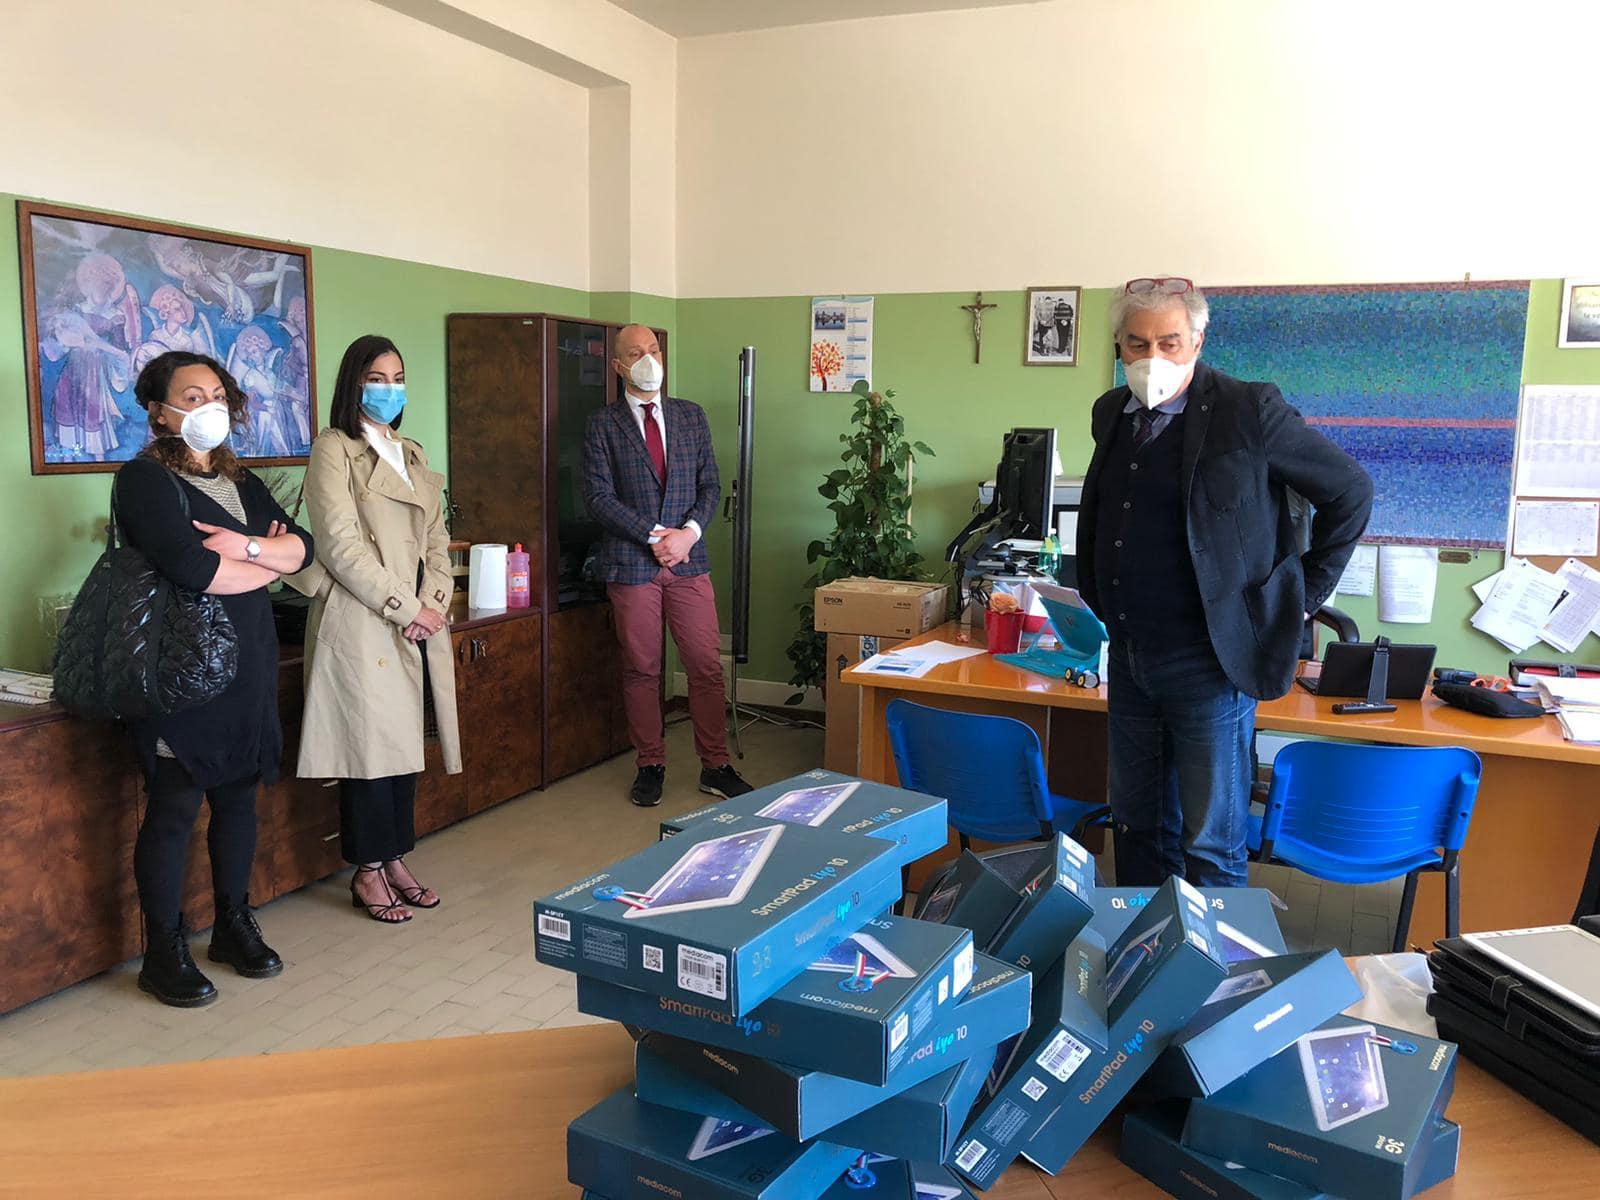 La fondazione Fabio Piccone dona 40 tablet agli studenti di Celano